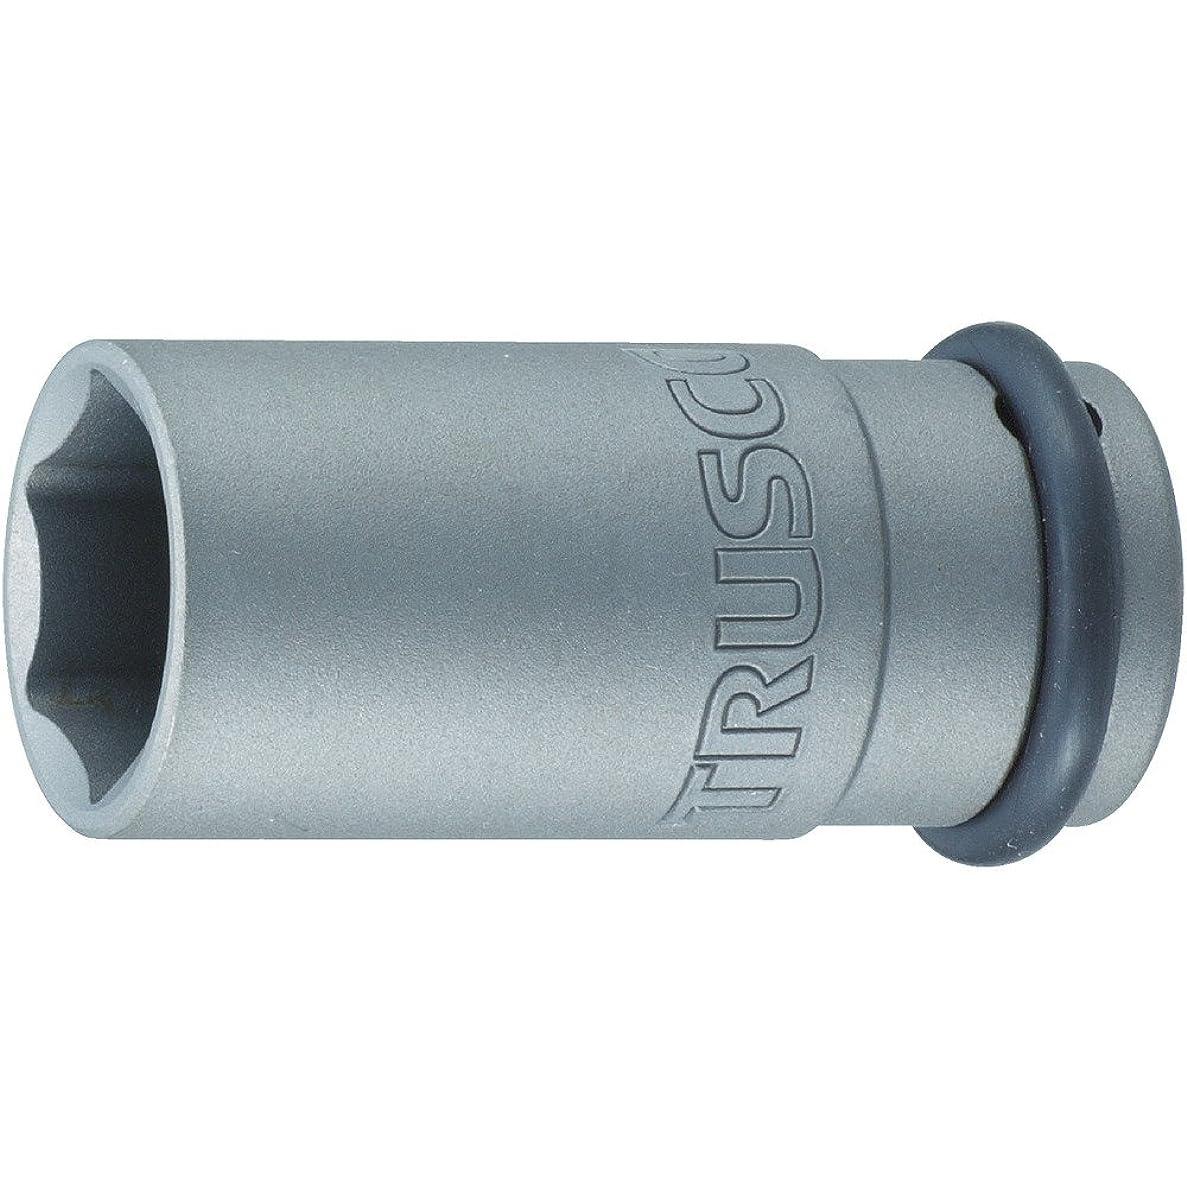 買い物に行く嫌い肥沃なTRUSCO(トラスコ) インパクト用ロングソケット(差込角12.7)対辺28mm T4-28AL